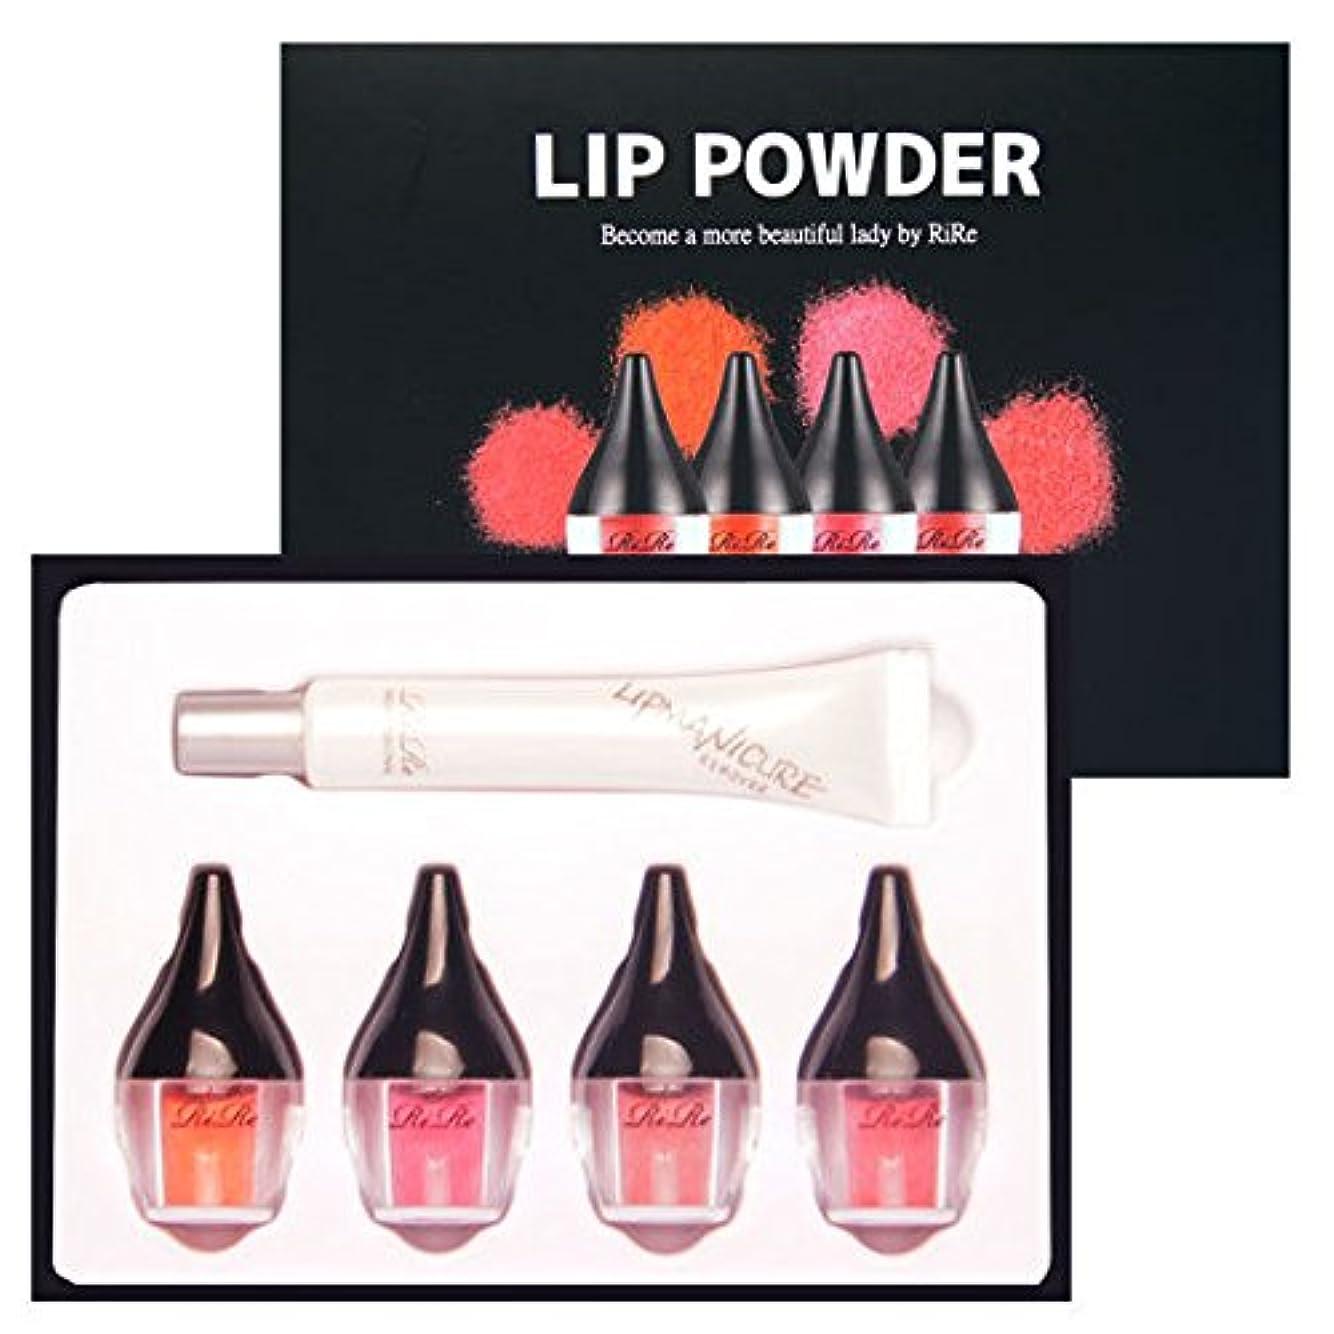 立ち寄るミネラル同情的[リール]RiRe LIP POWDER Set+Removerパウダーセット+リムーバー(4+1=5)化粧品made in korea (海外直送品)